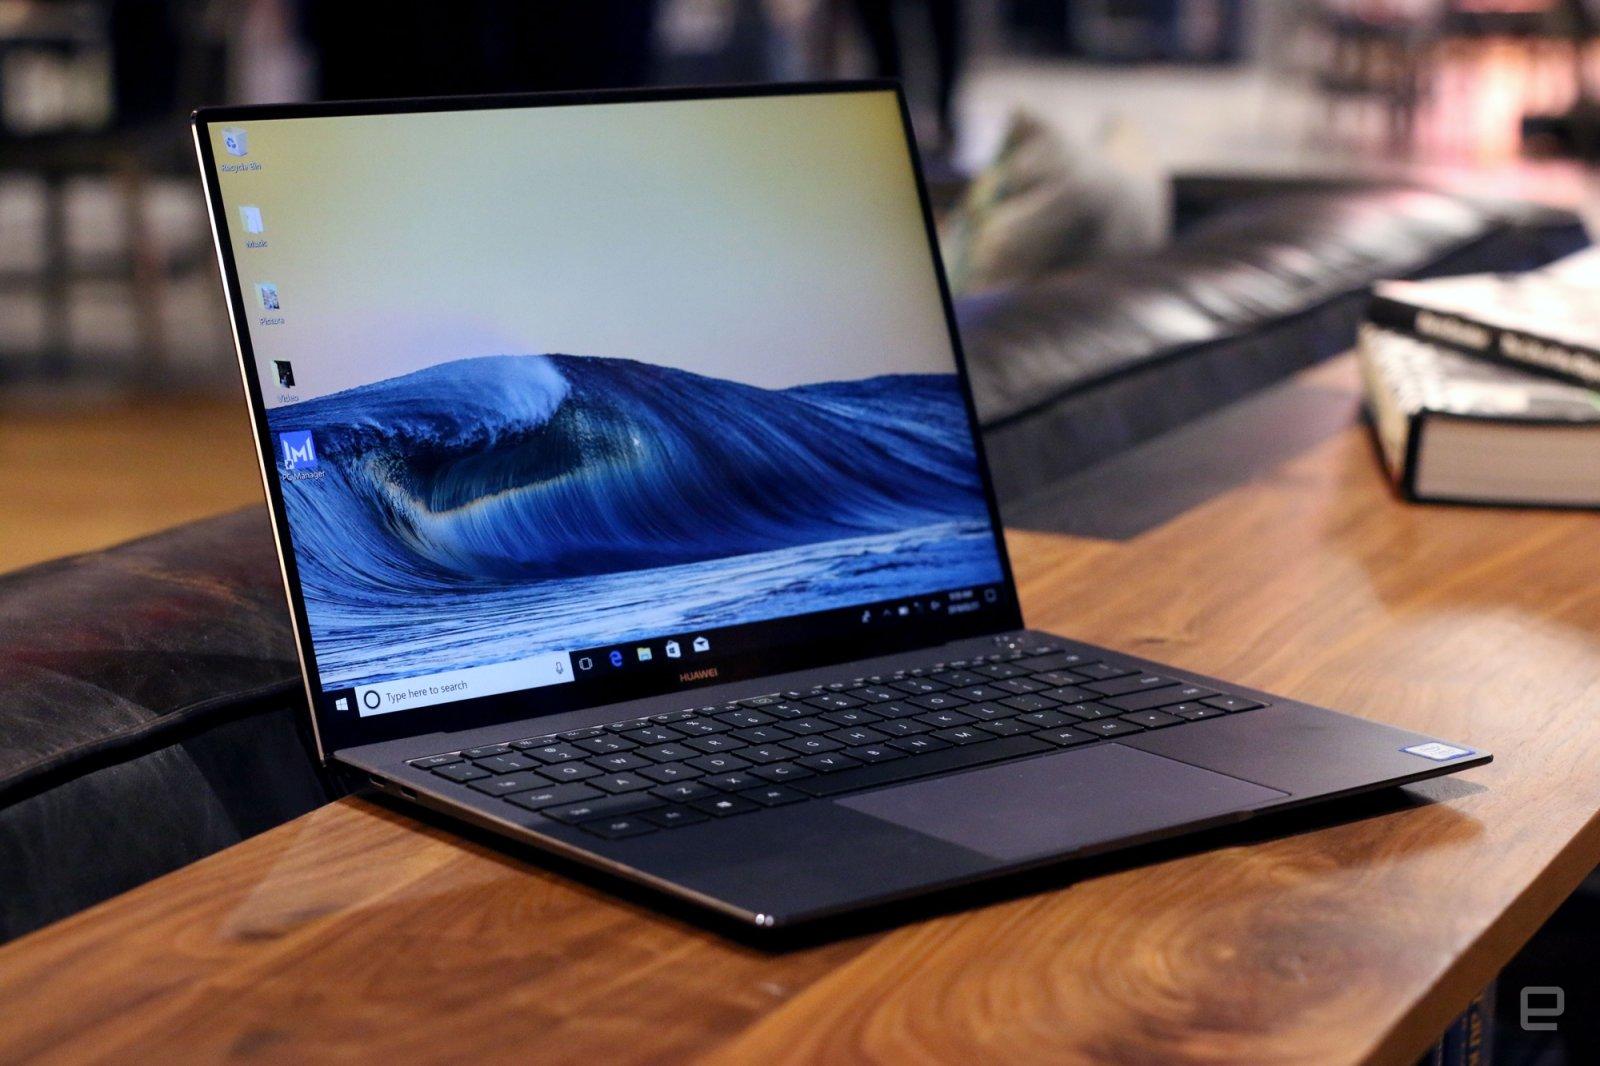 El Huawei MateBook X Pro esconde una cámara dentro del teclado